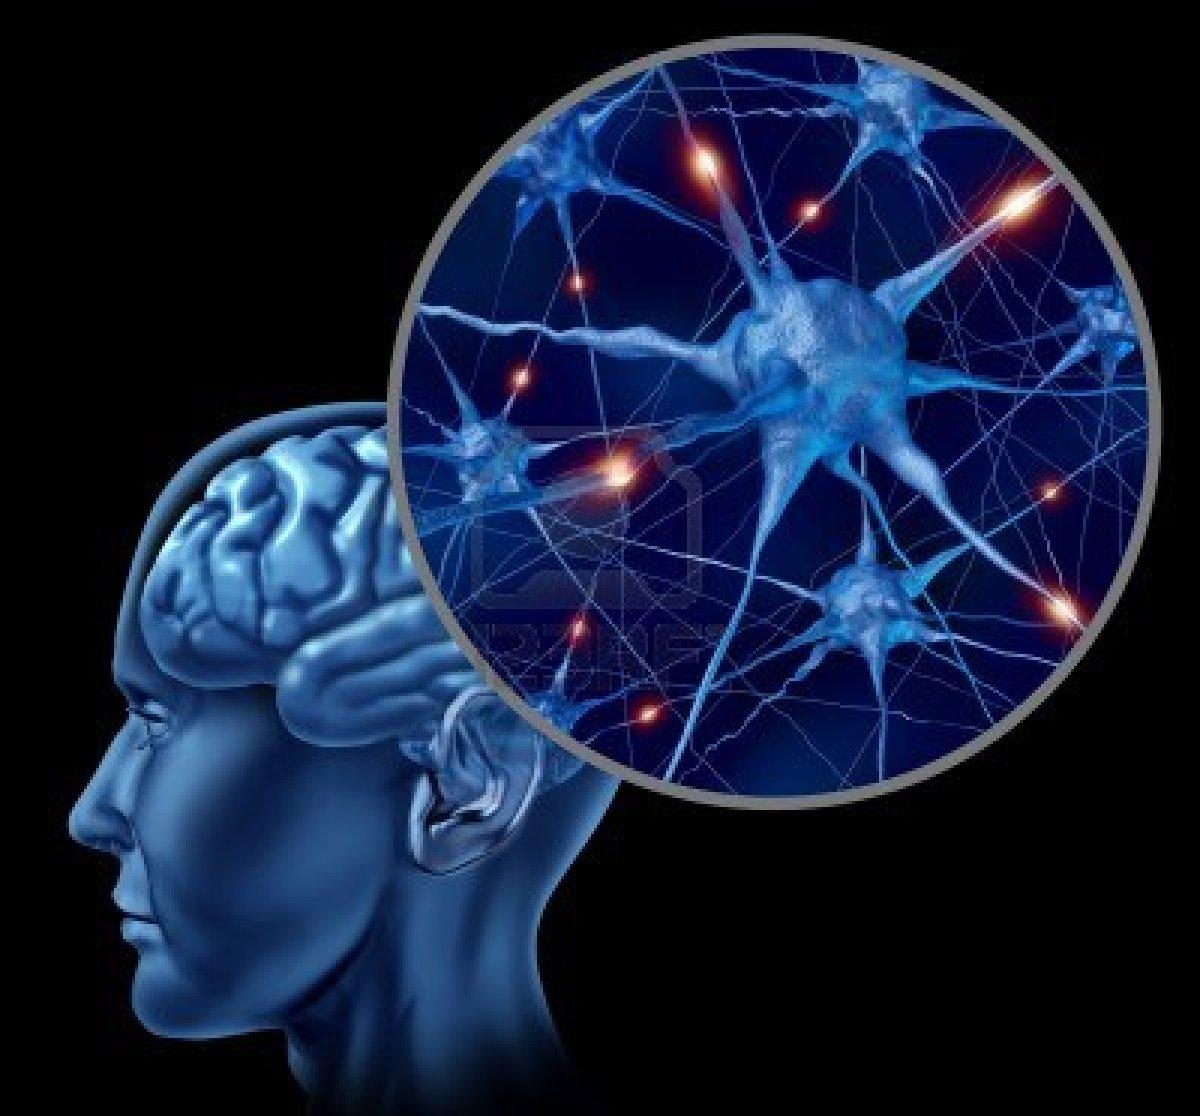 Tarefas-complicadas-trazem-benefícios-para-memória-informa-pesquisa..